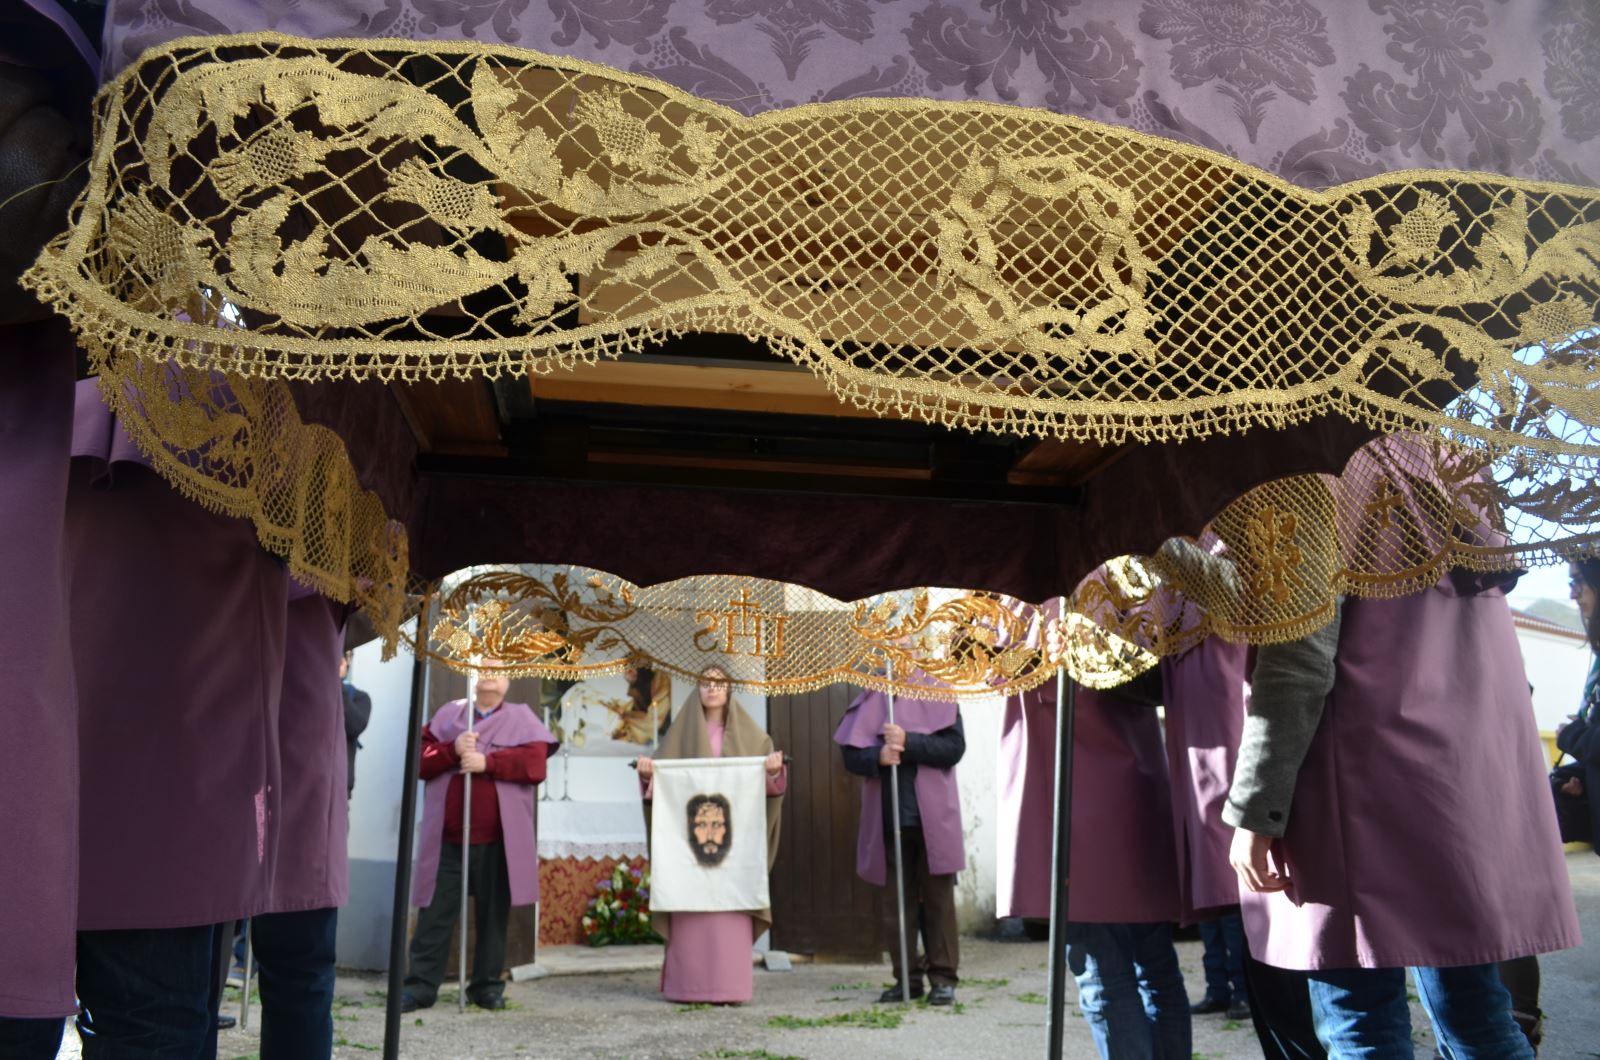 Atouguia da Baleia   Inovação e tradição com renda de bilros